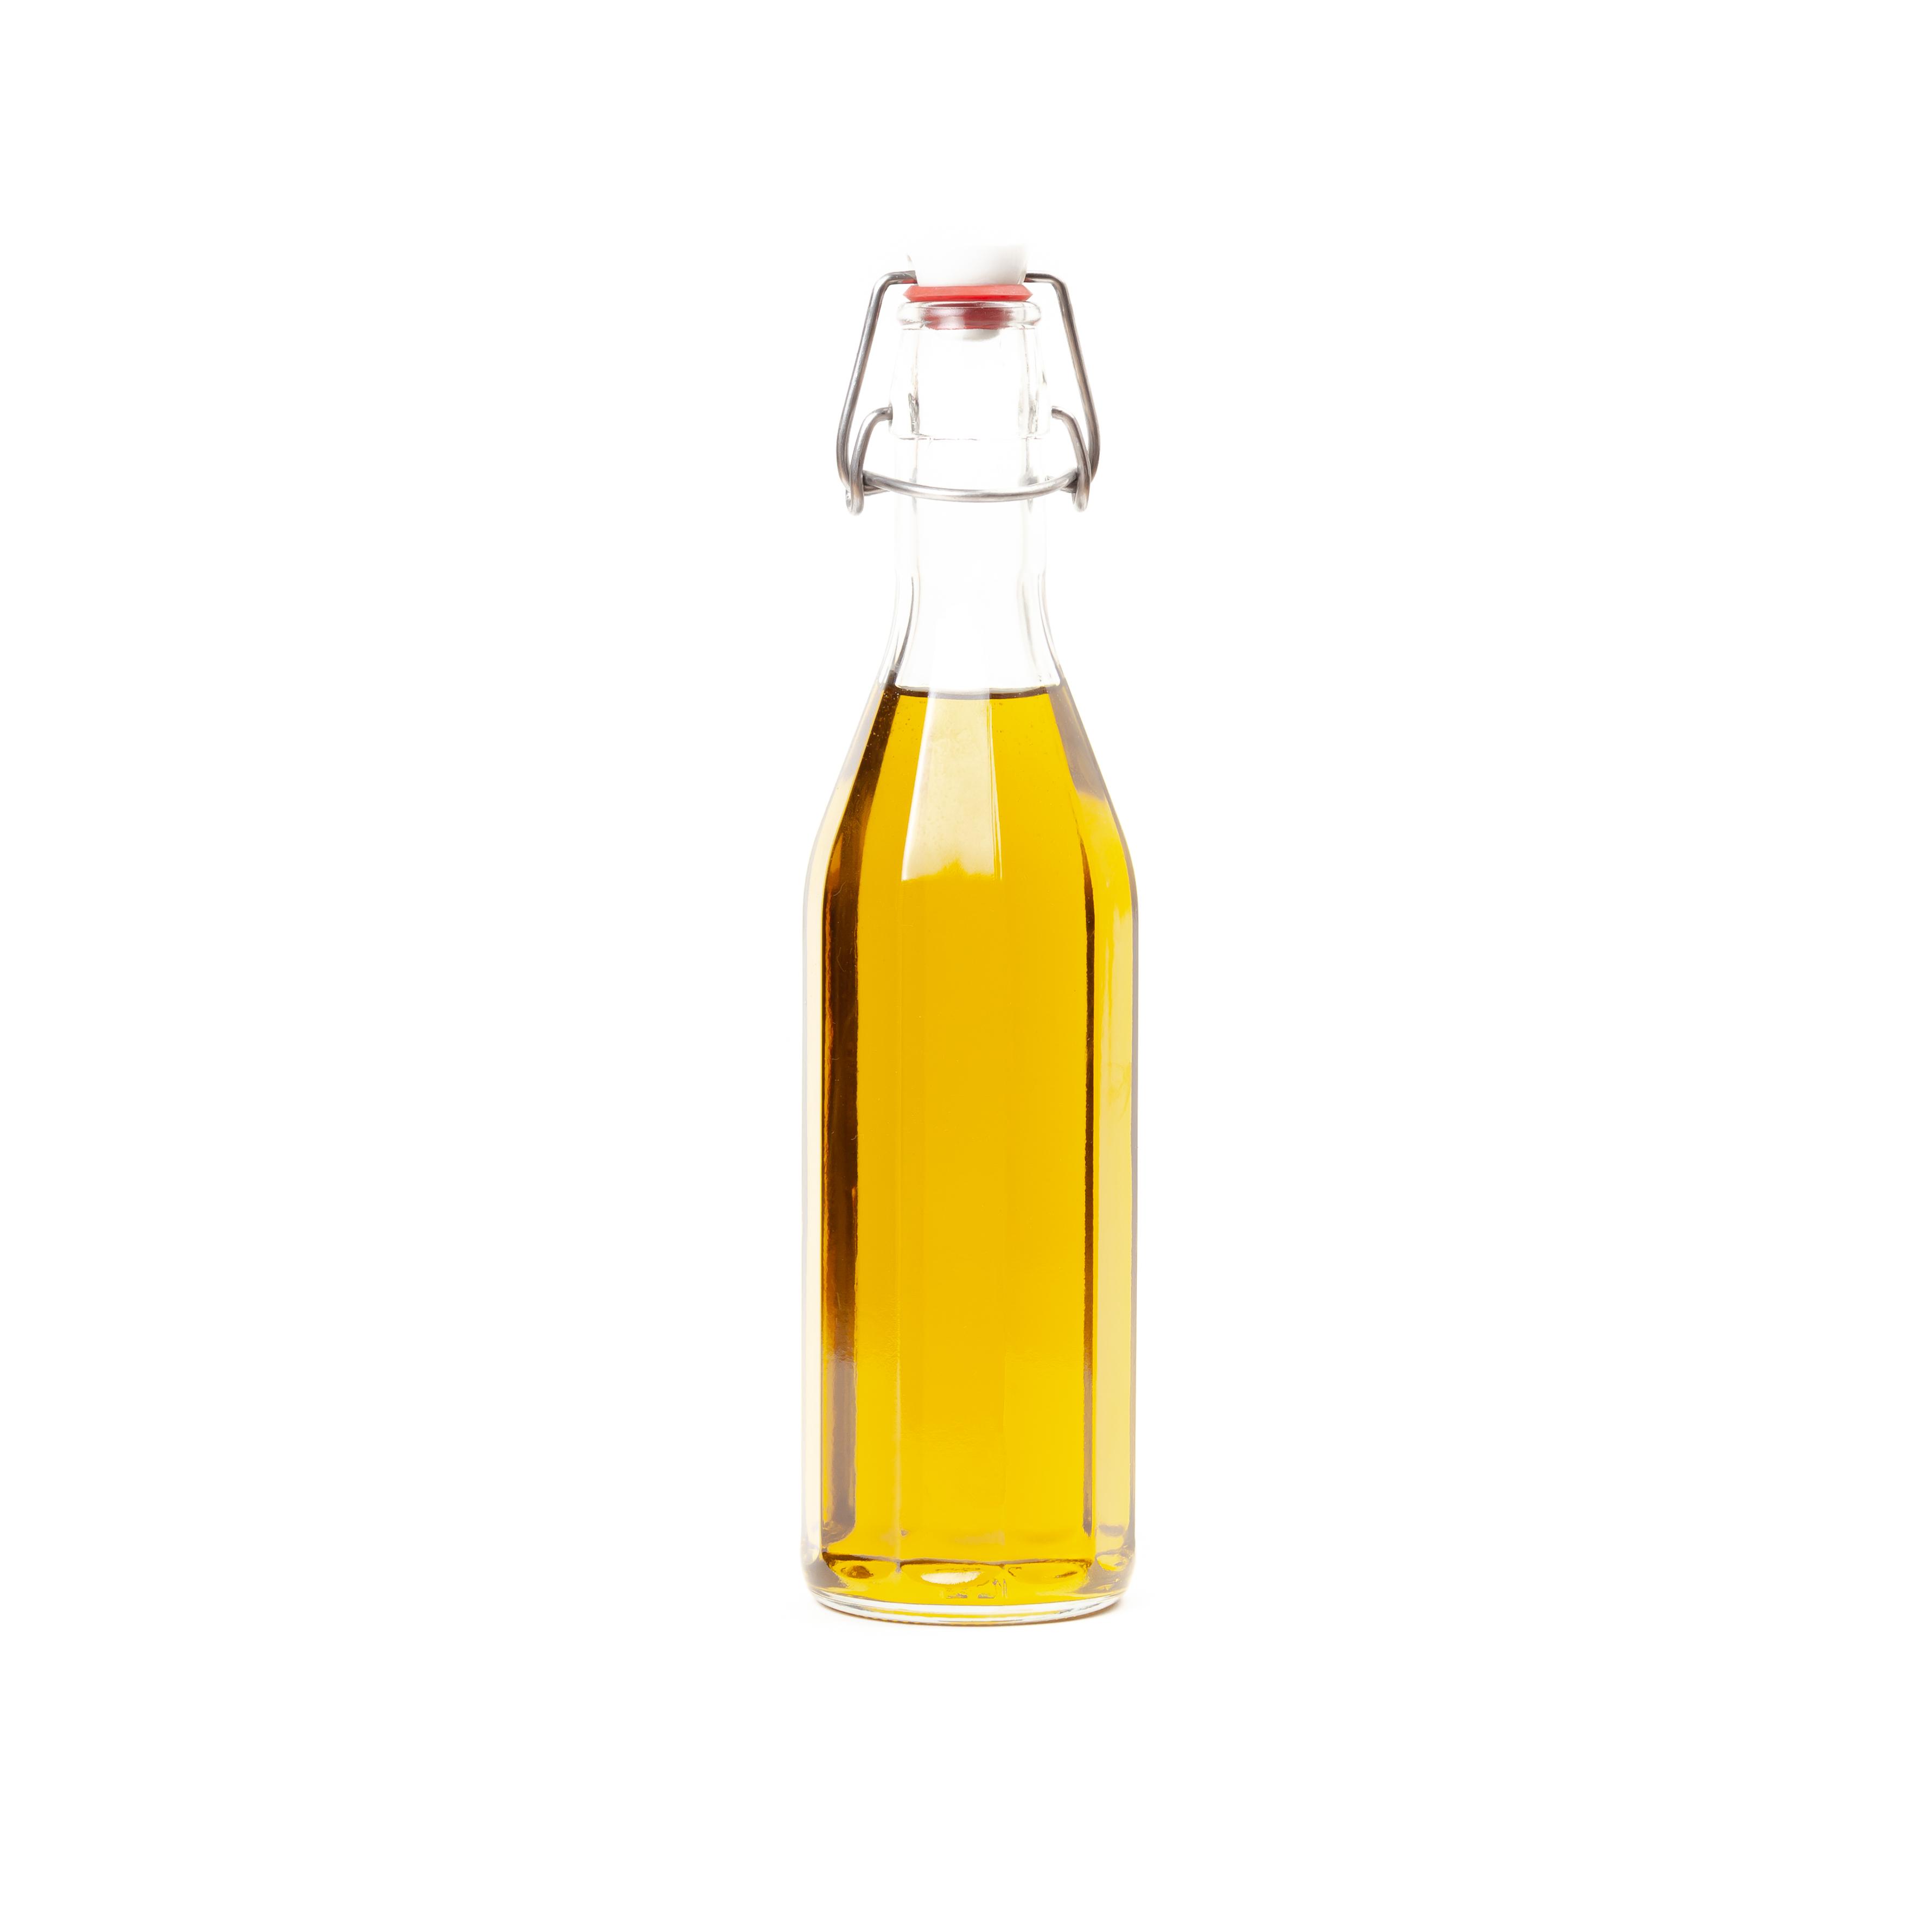 Extra Virgin Olive Oil | Honest Toil